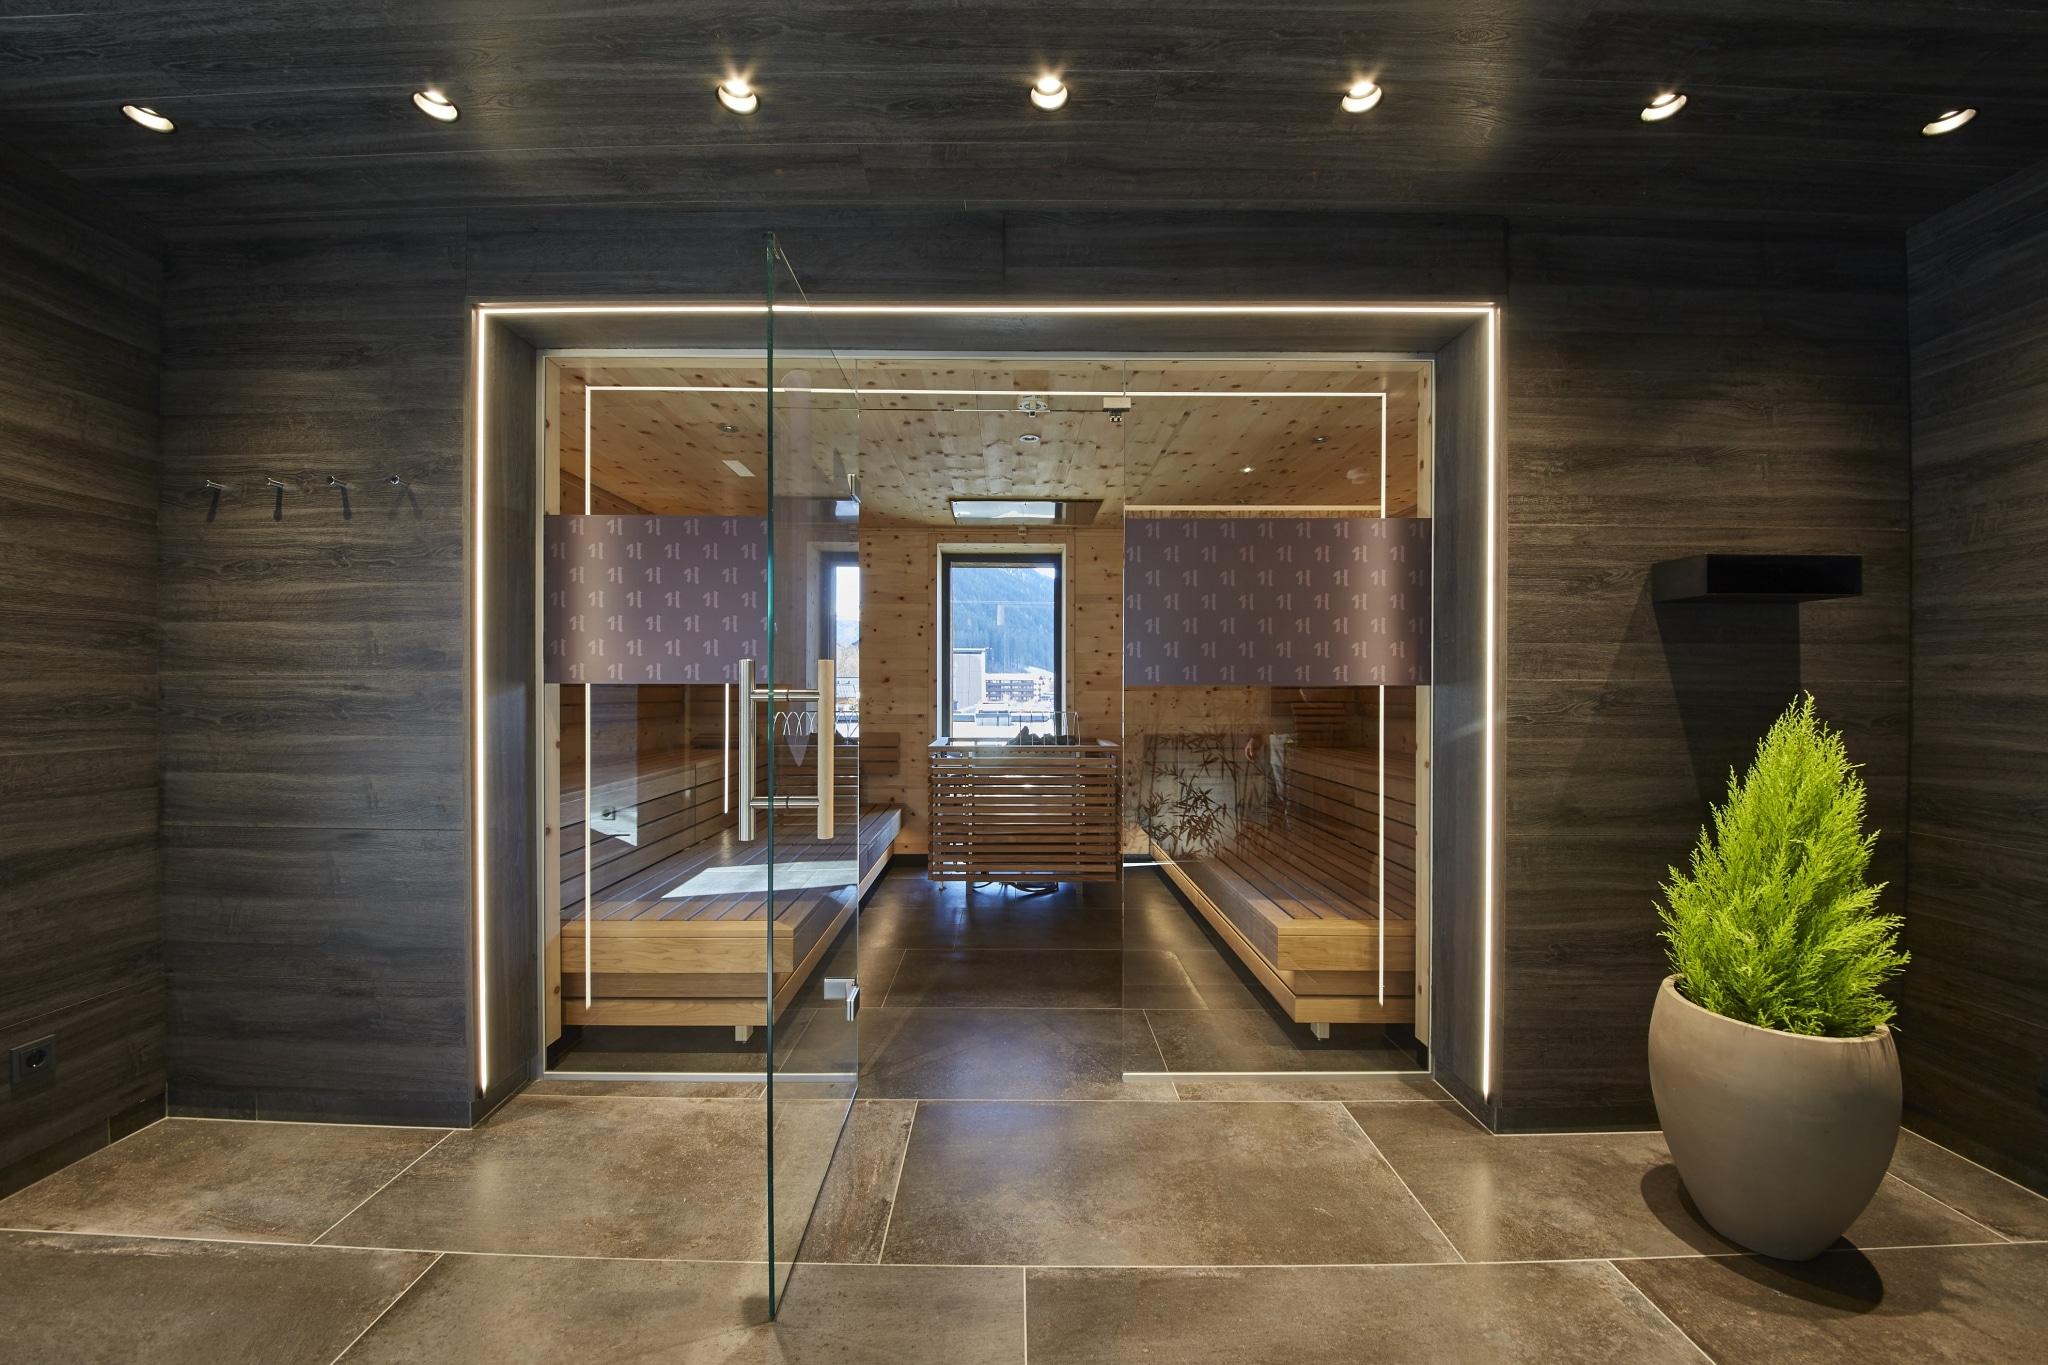 Eingangstüren zur Sauna aus Glas